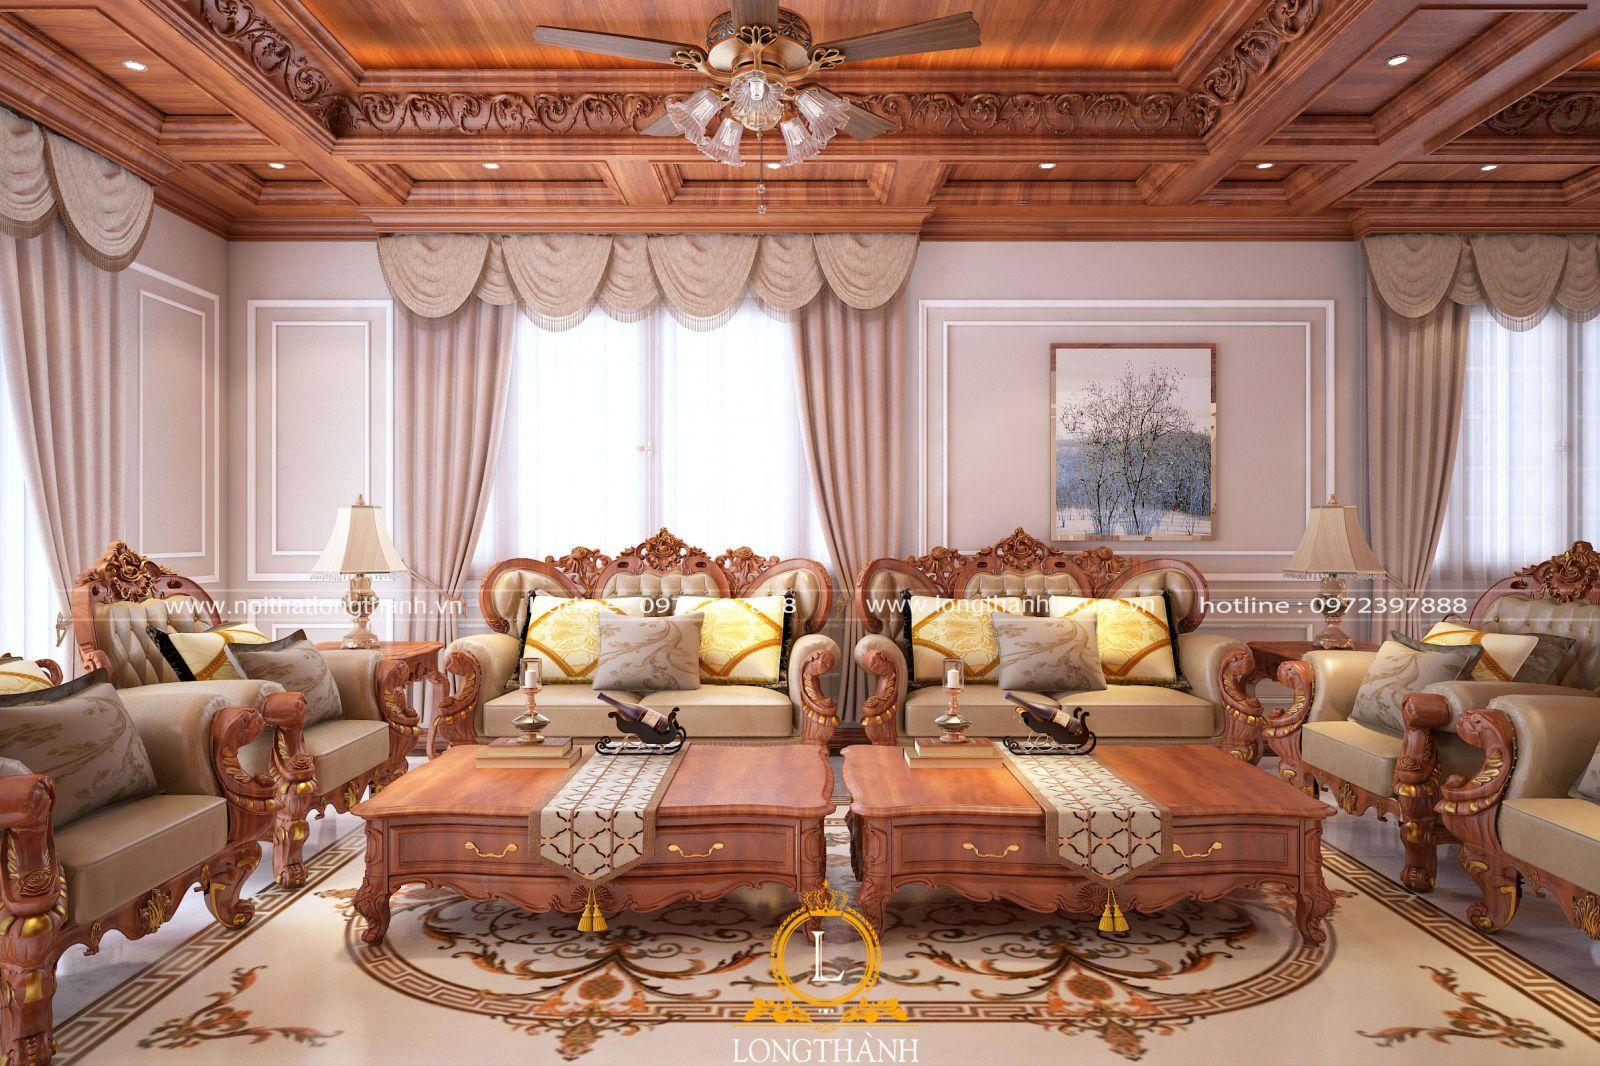 Mẫu sofa được điểm dát vàng đơn giản mà vô cùng tỉ mỉ